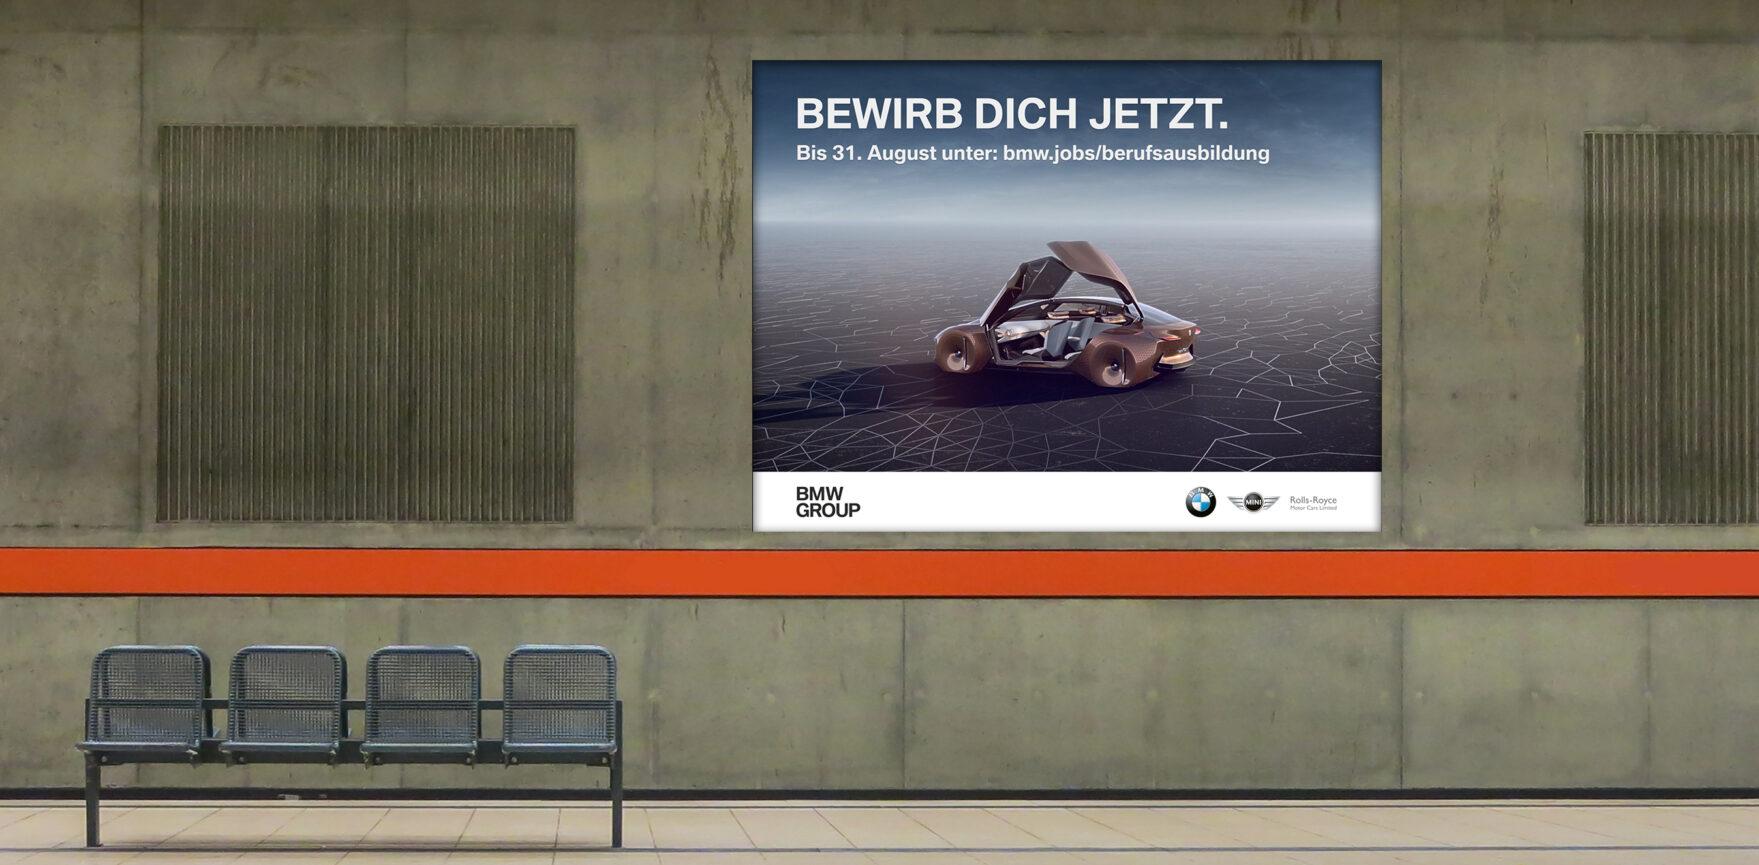 U-Bahn Screen-Werbung BMW HR